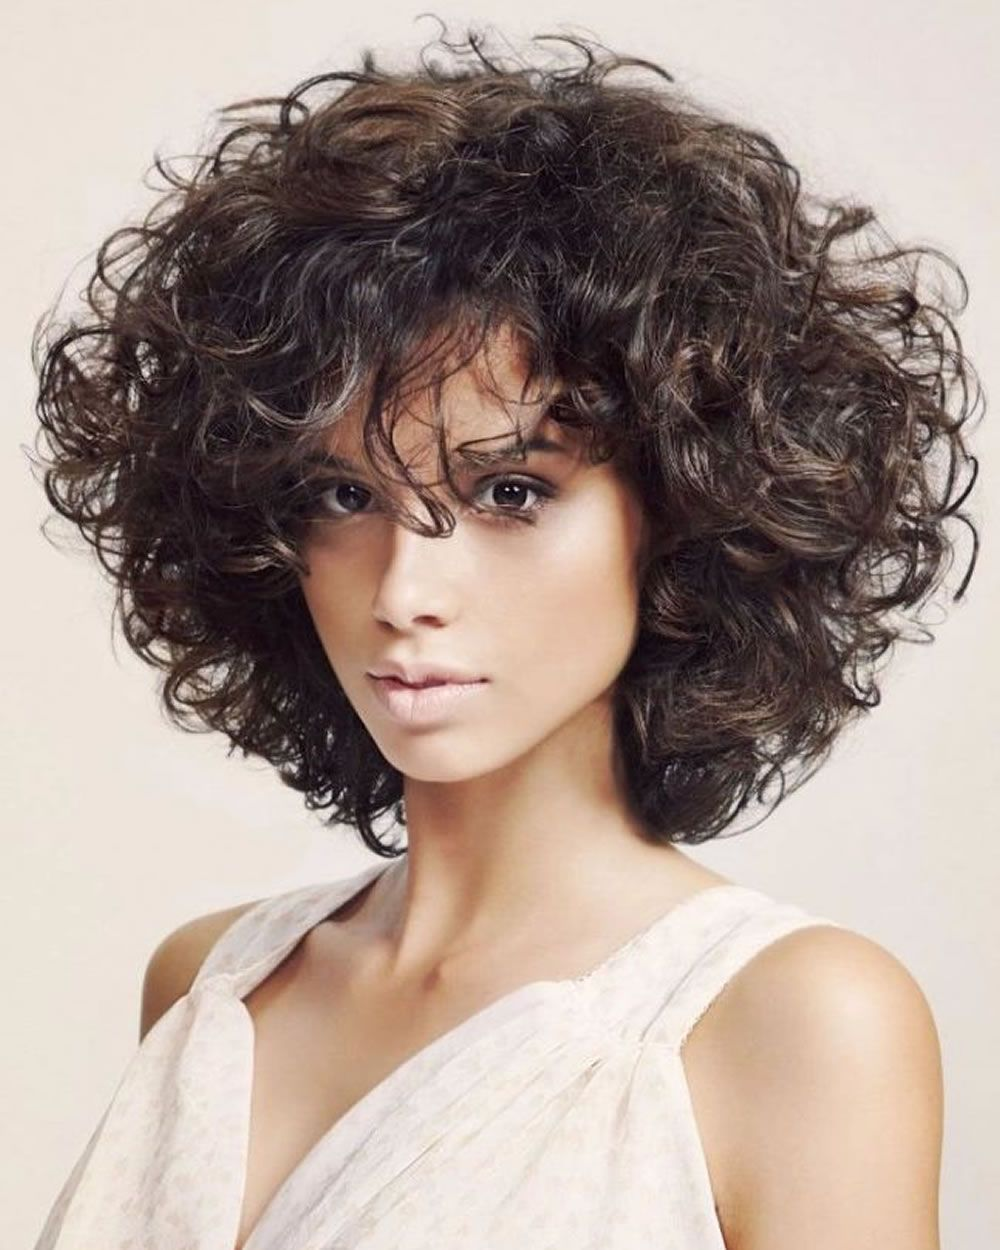 Curly oder Wavy Short Haircuts für 2018? 25 große kurze